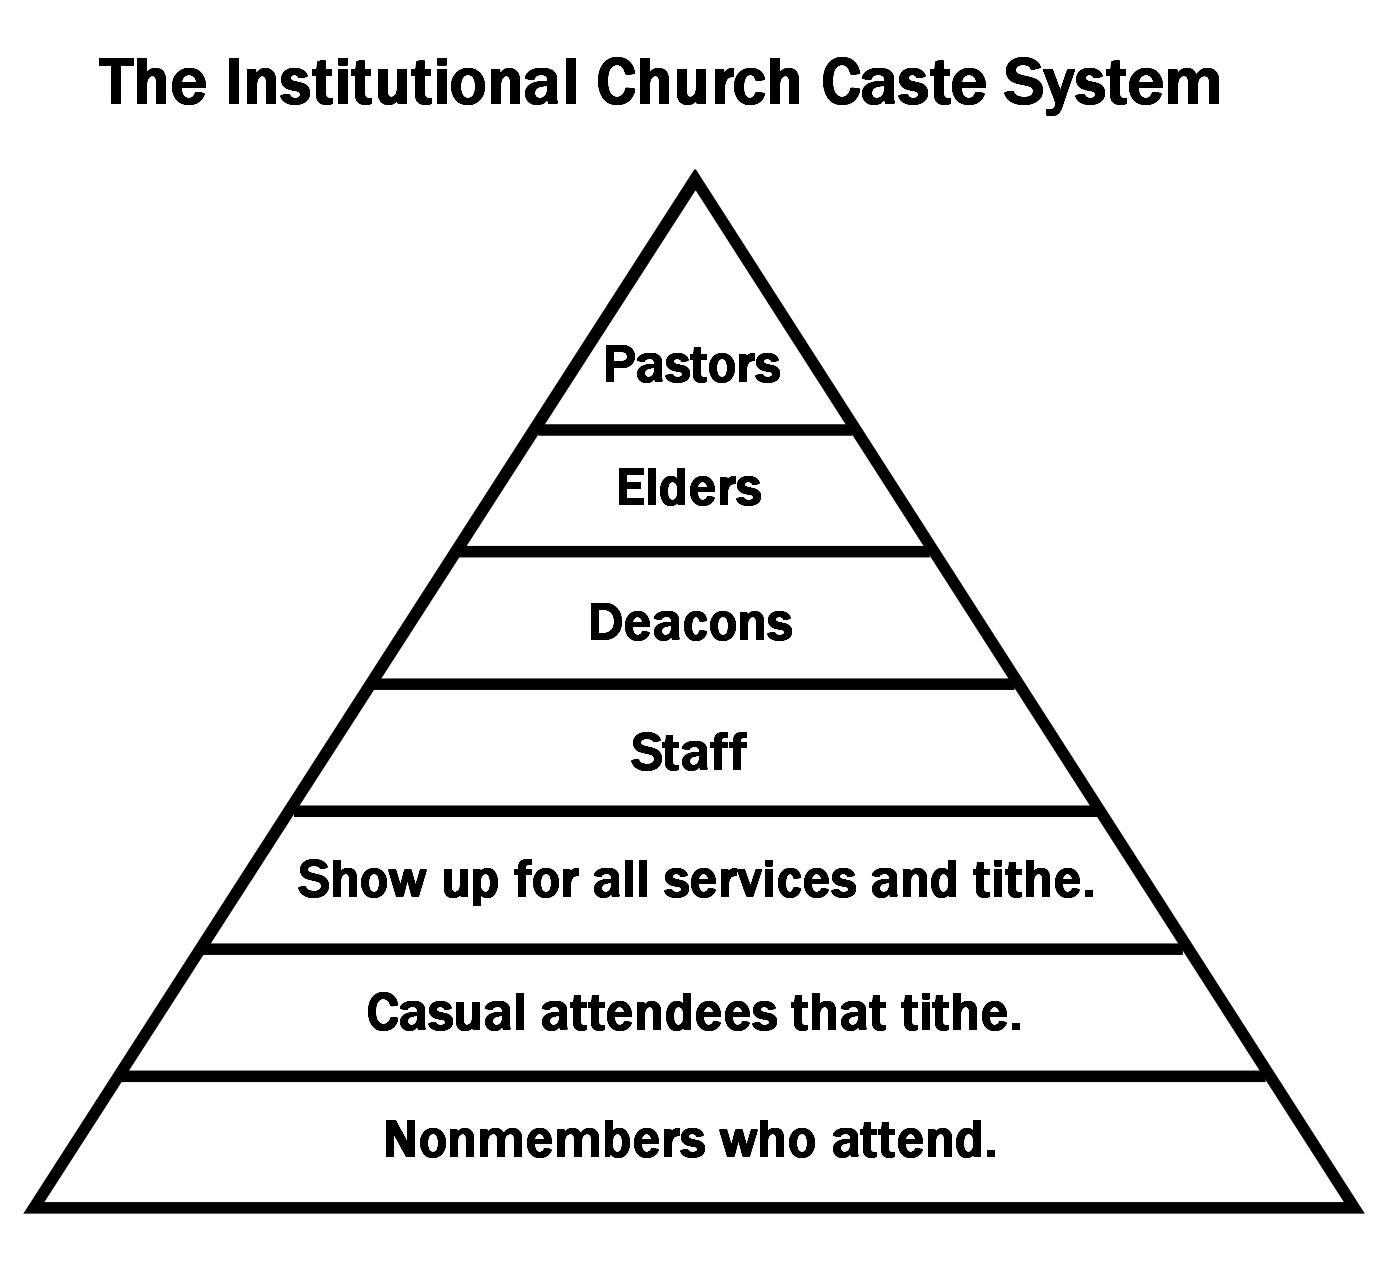 inst church caste final. Resume Example. Resume CV Cover Letter